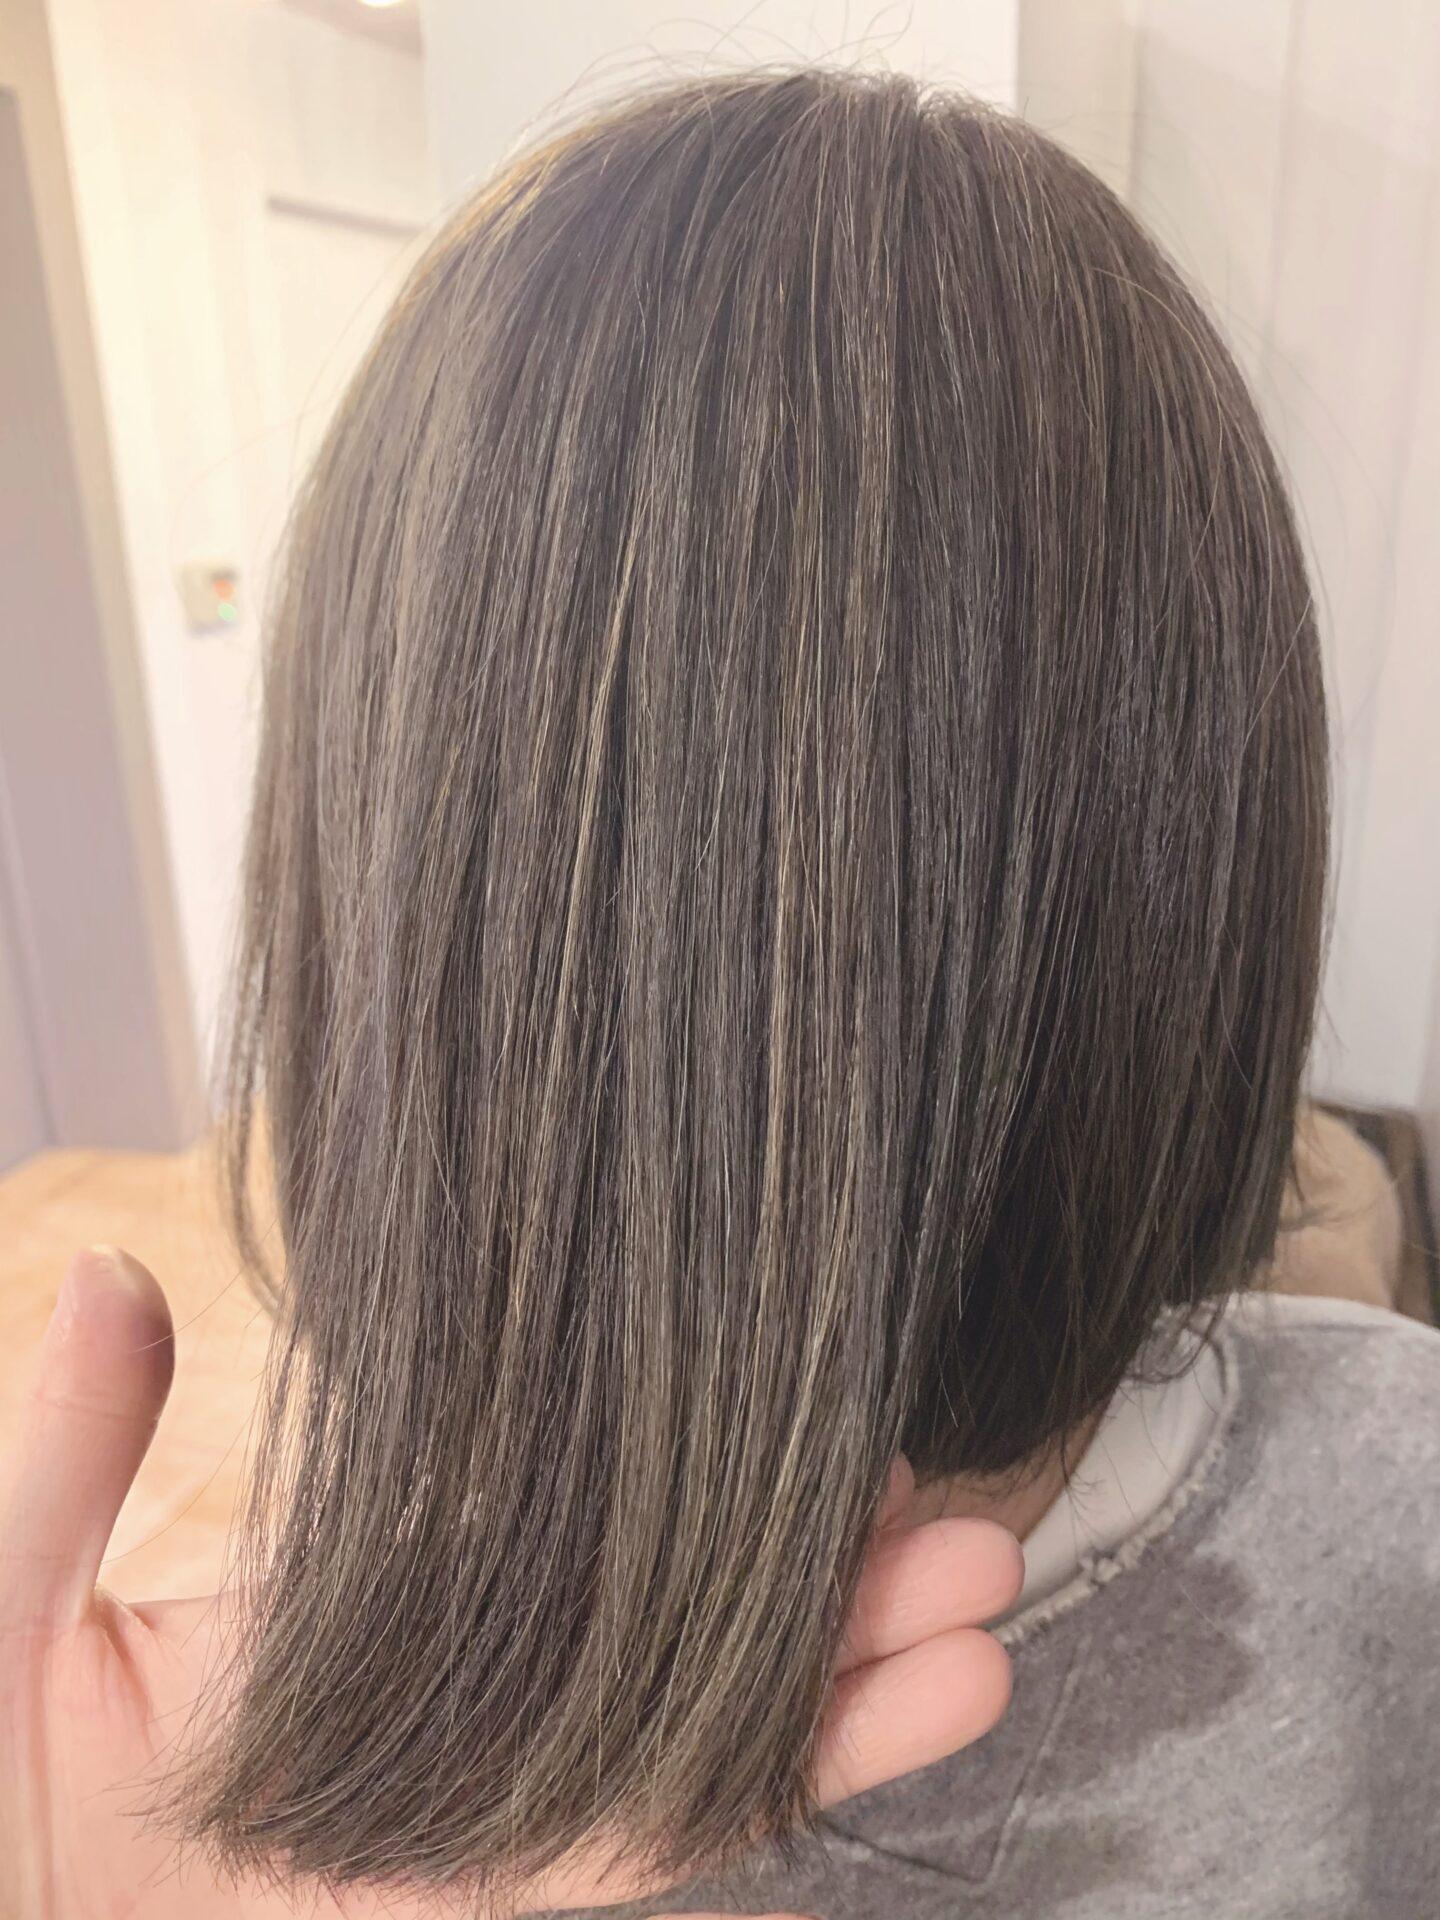 白髪を隠しながらオシャレなハイライトカラーがオススメ!^ ^